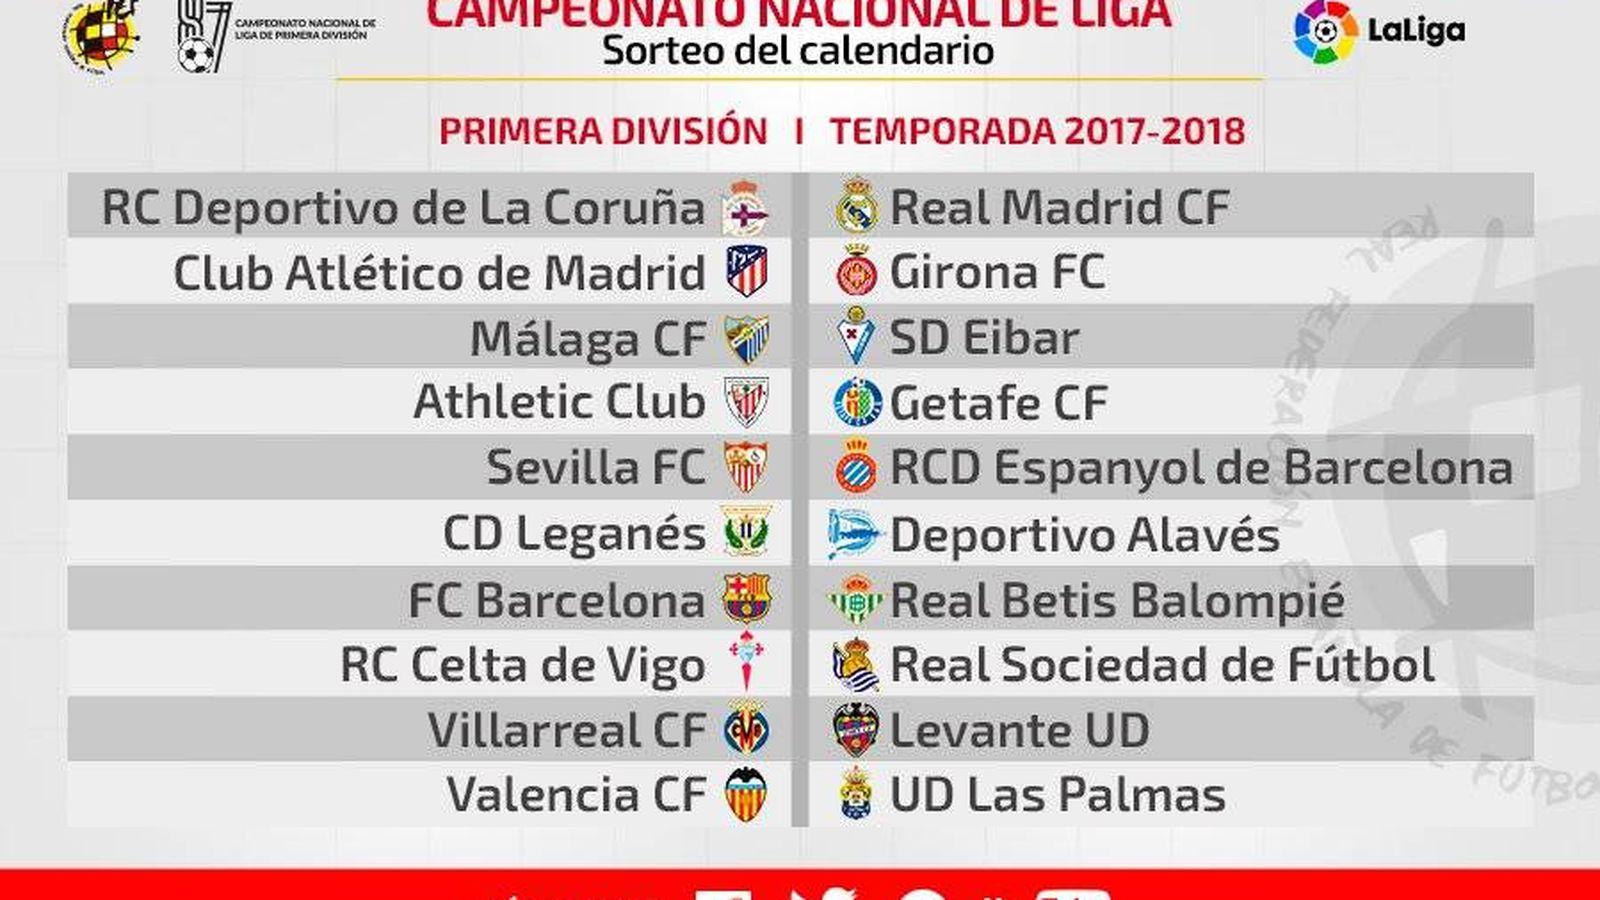 Calendario Real Madrid.Sorteo El Real Madrid Barcelona Se Juega El 20 De Diciembre Y El De